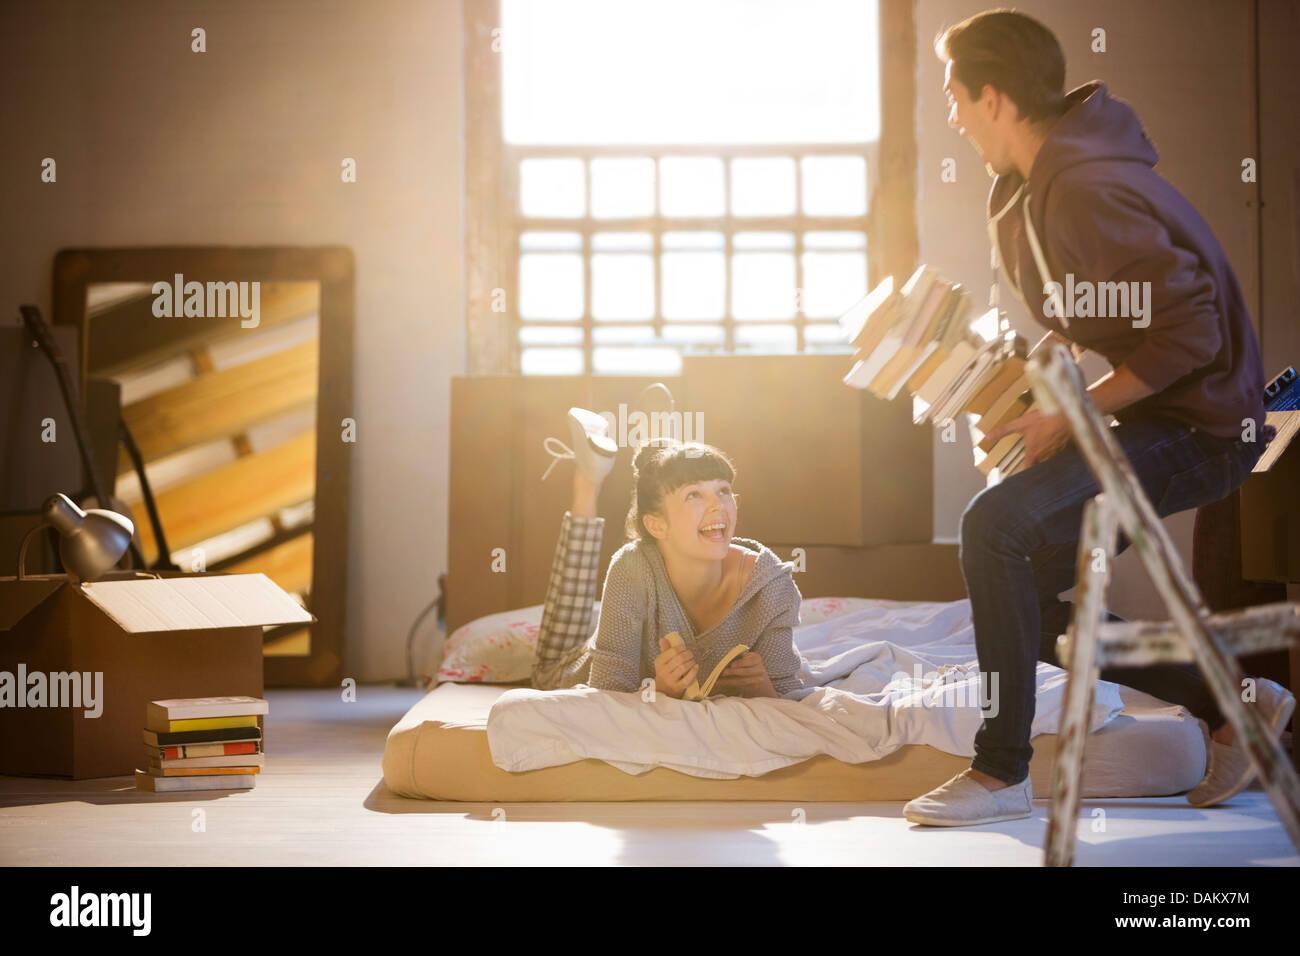 schlafzimmer im dachgeschoss stockfotos schlafzimmer im dachgeschoss bilder alamy. Black Bedroom Furniture Sets. Home Design Ideas